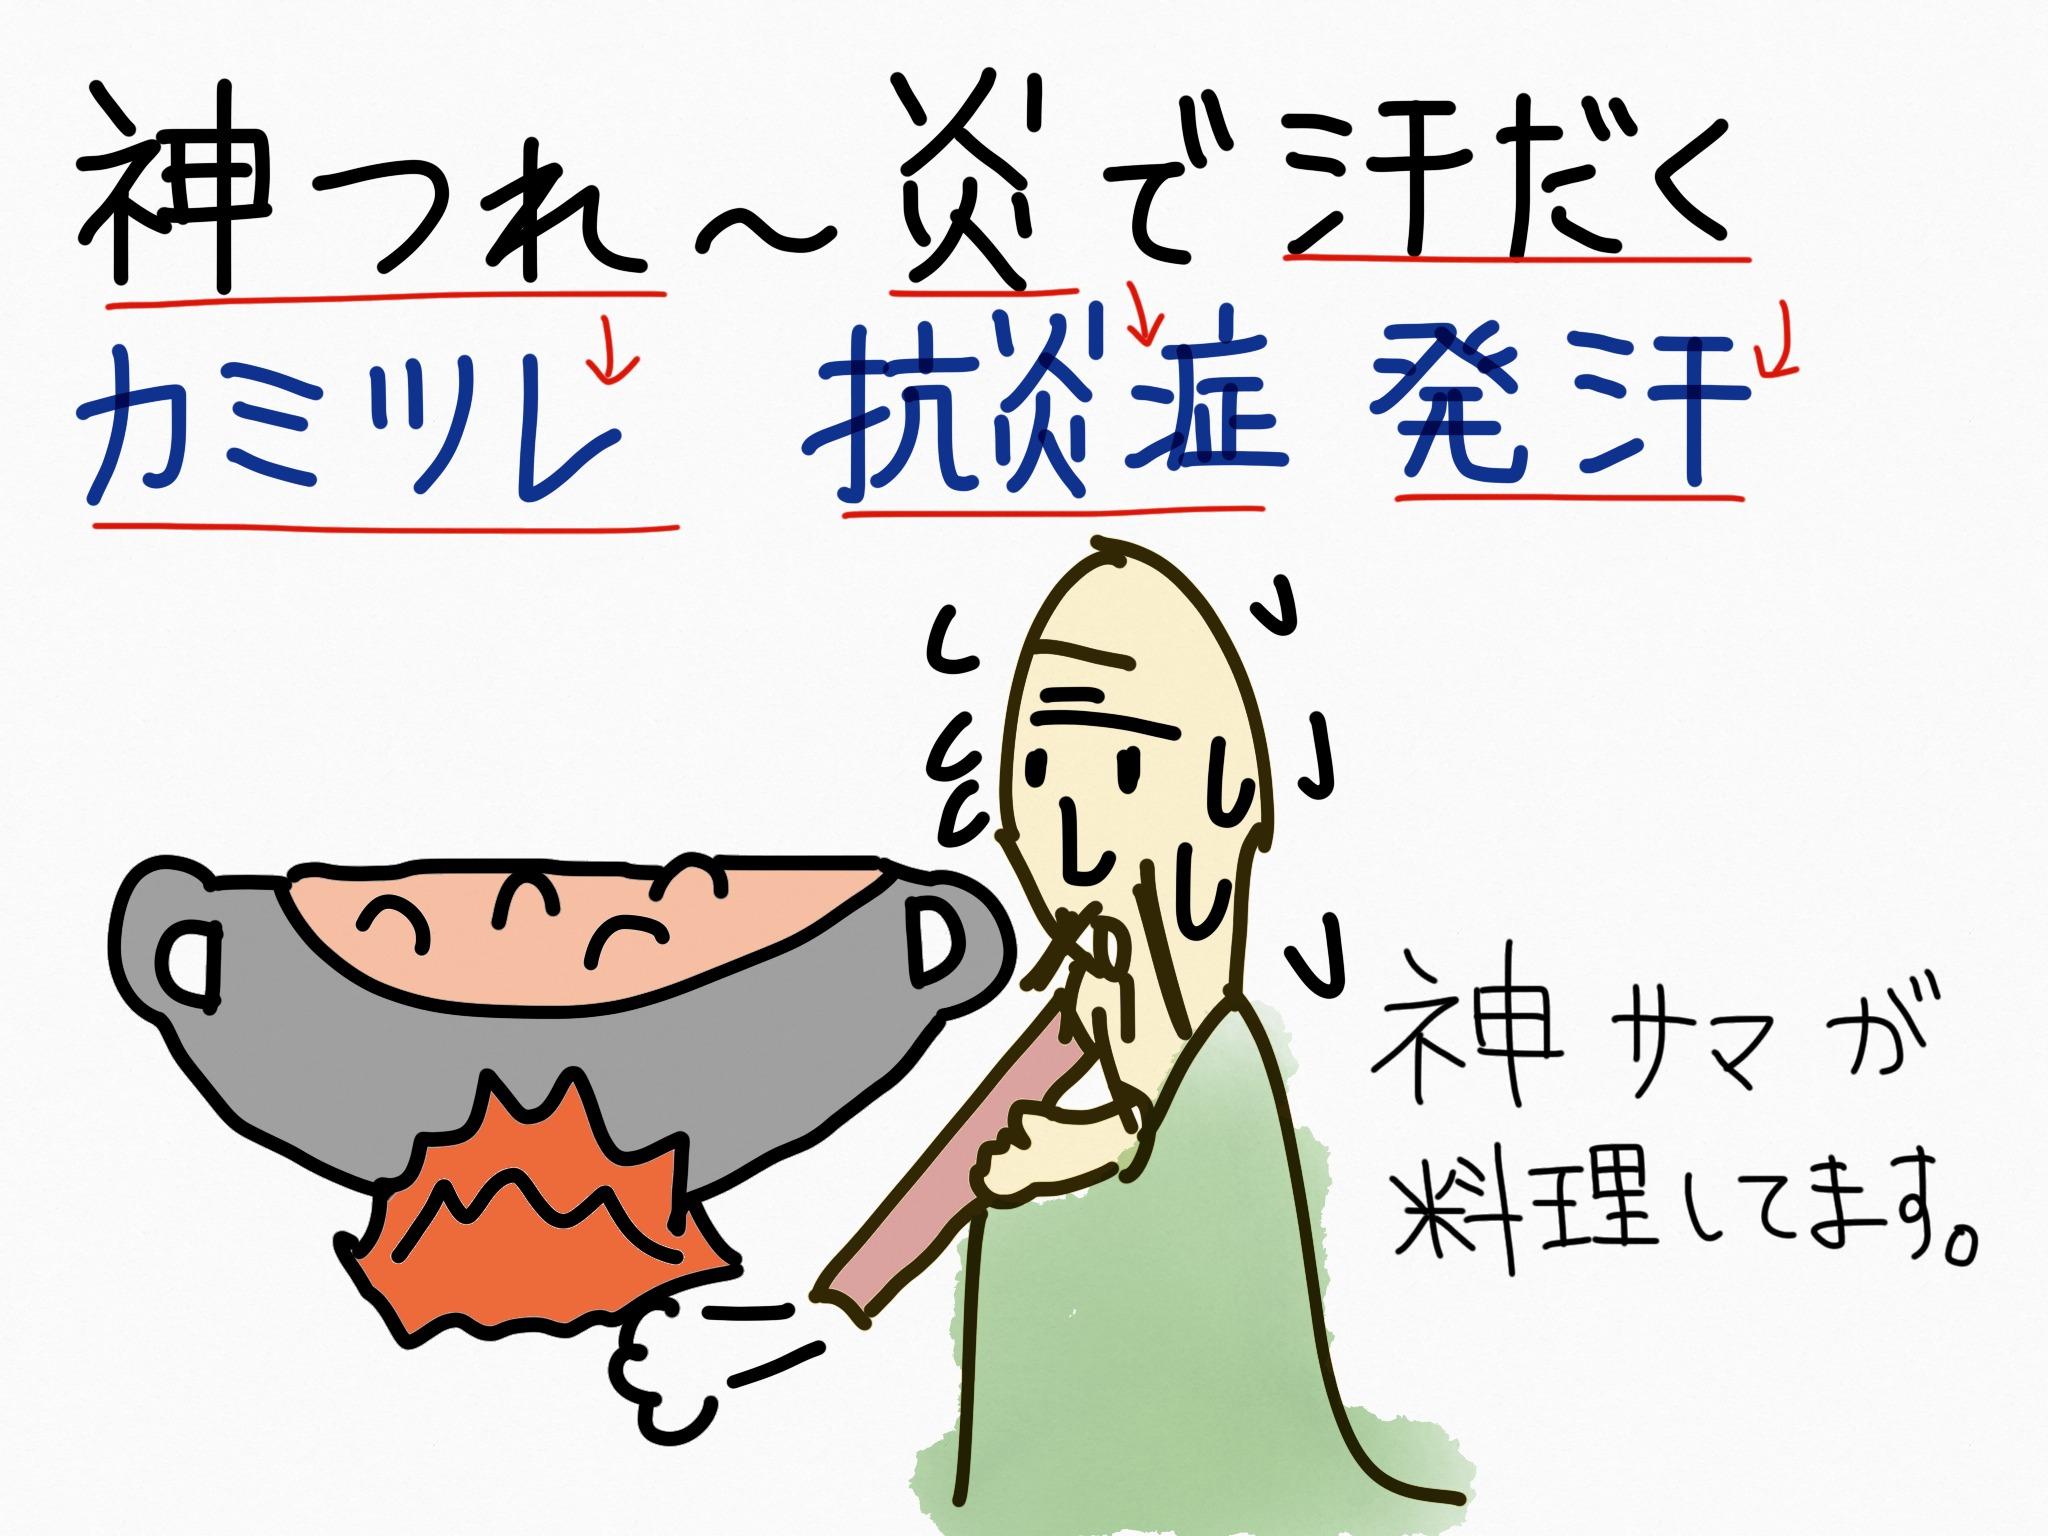 カミツレ[かぜ薬他]生薬の覚え方・暗記方法・語呂合わせ